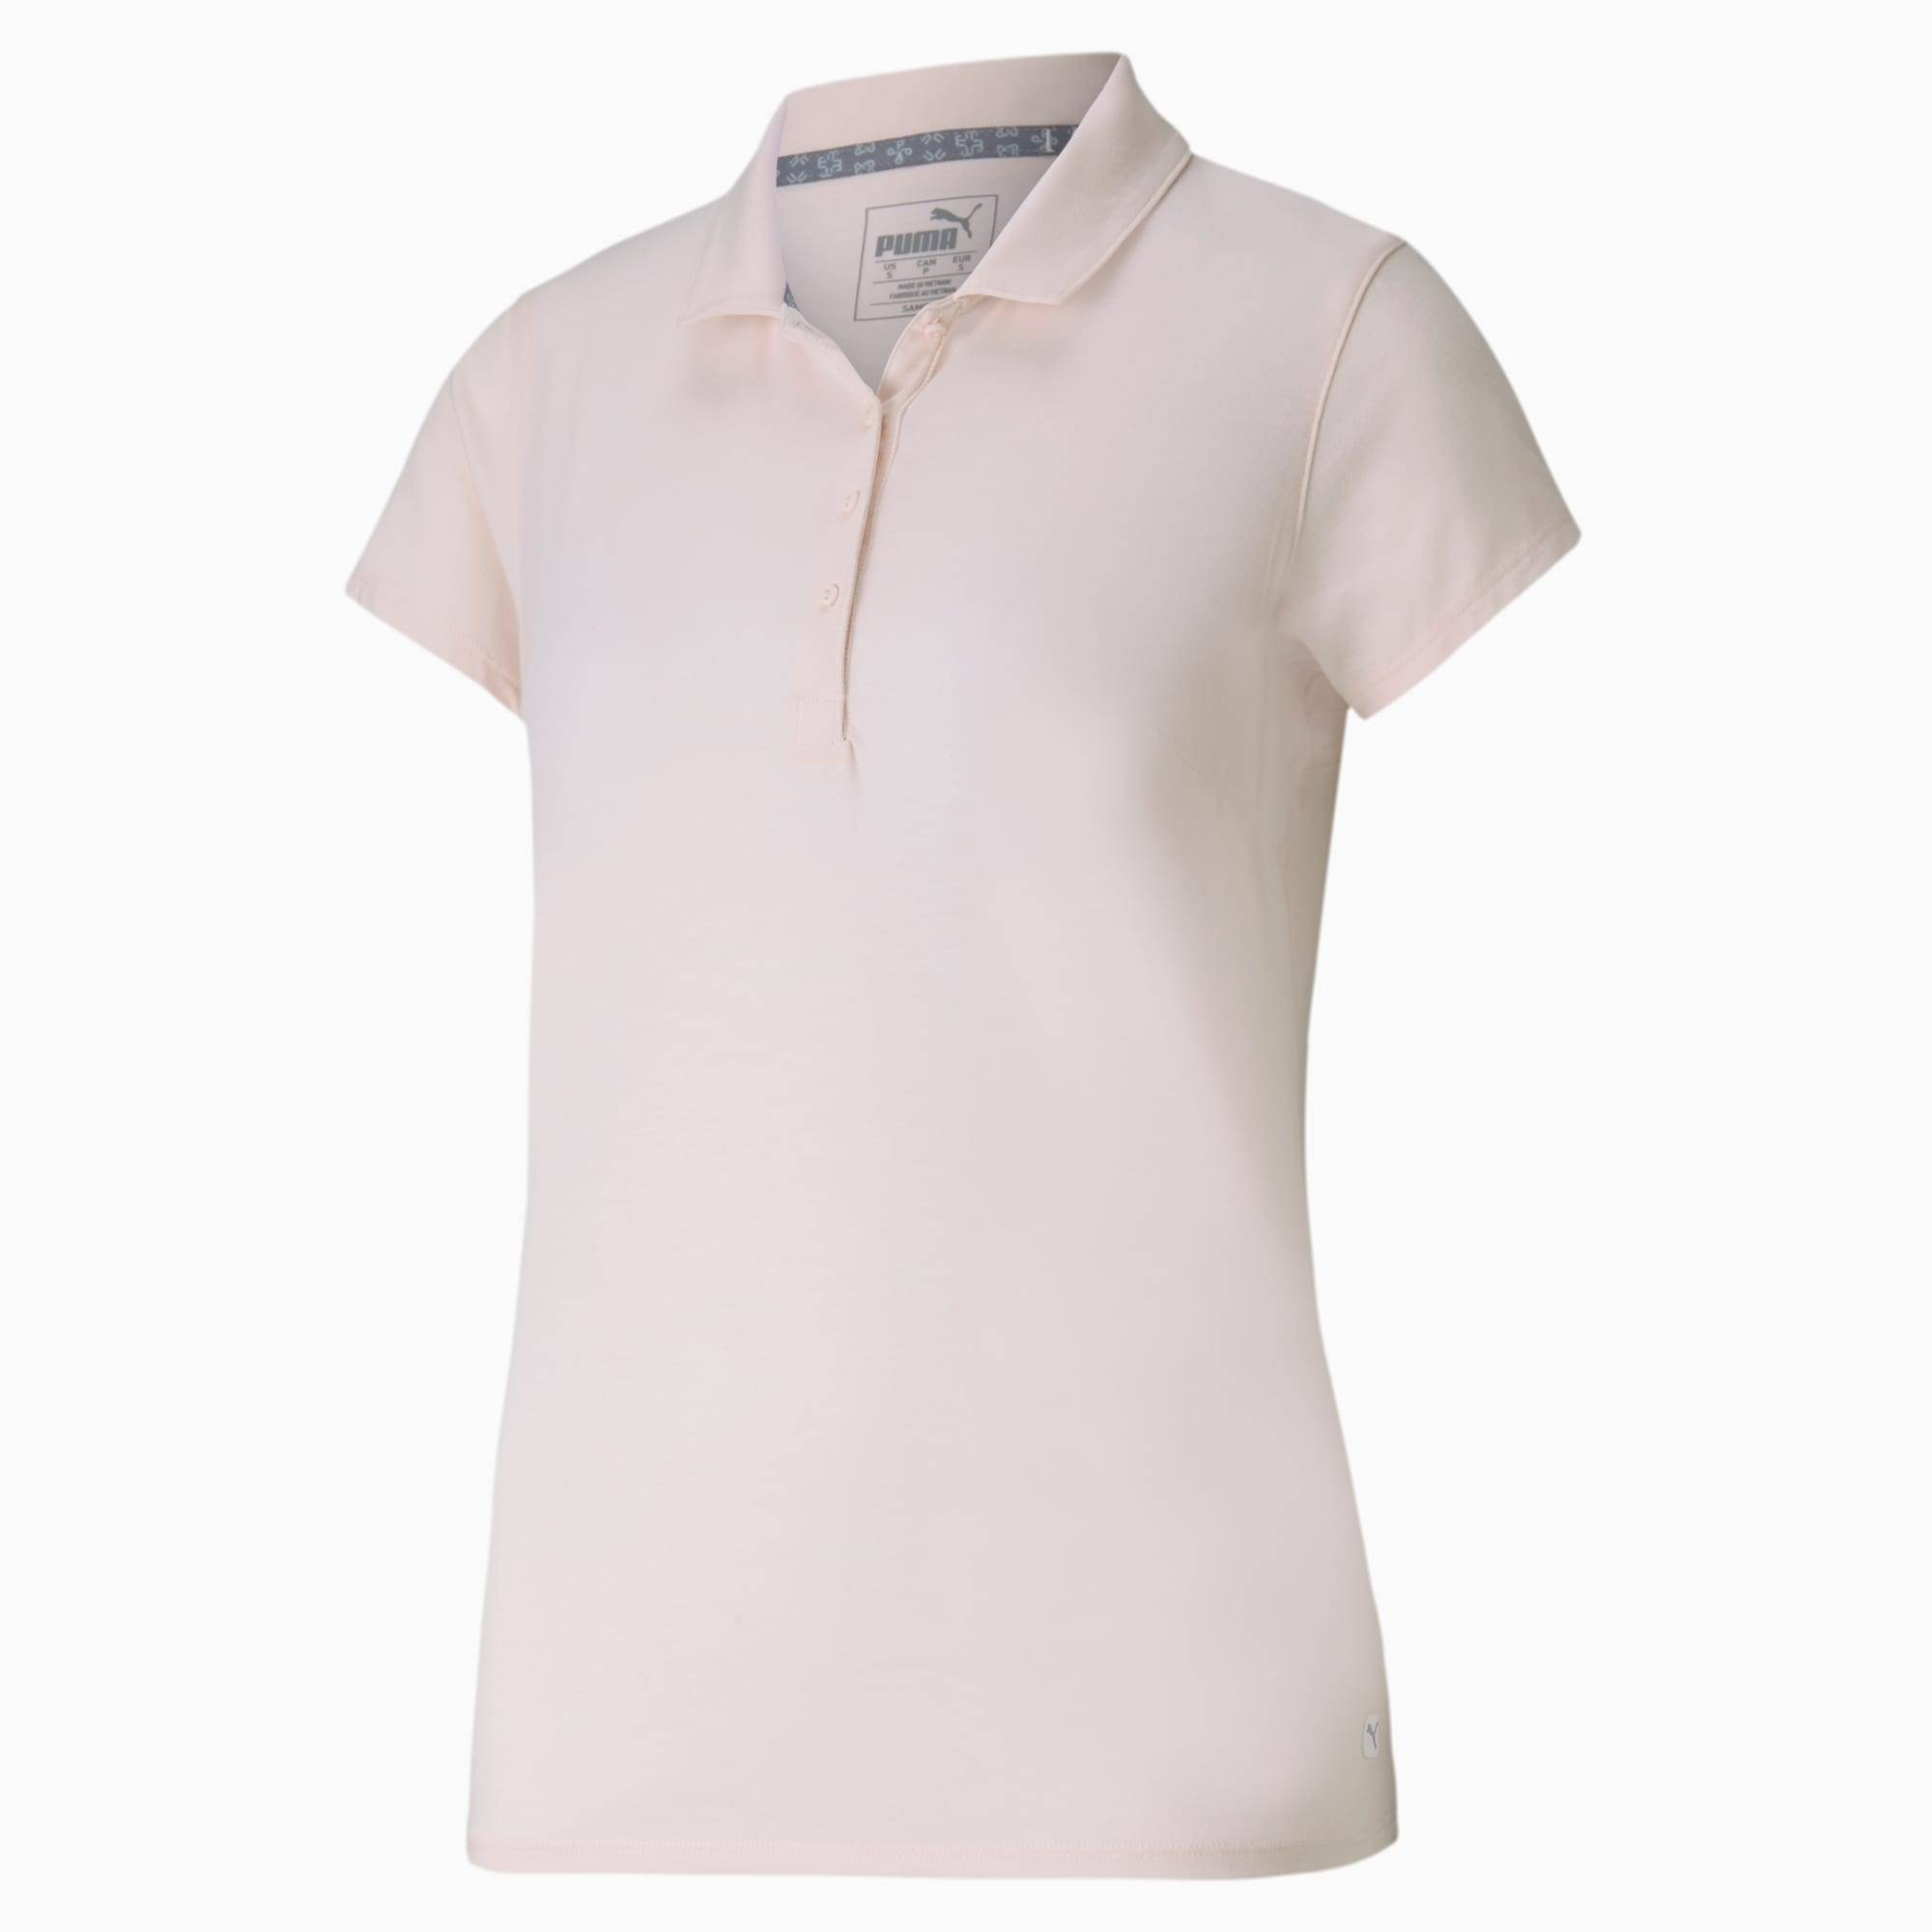 PUMA Polo de golf Fusion Mesh pour Femme, Rose, Taille XL, Vêtements